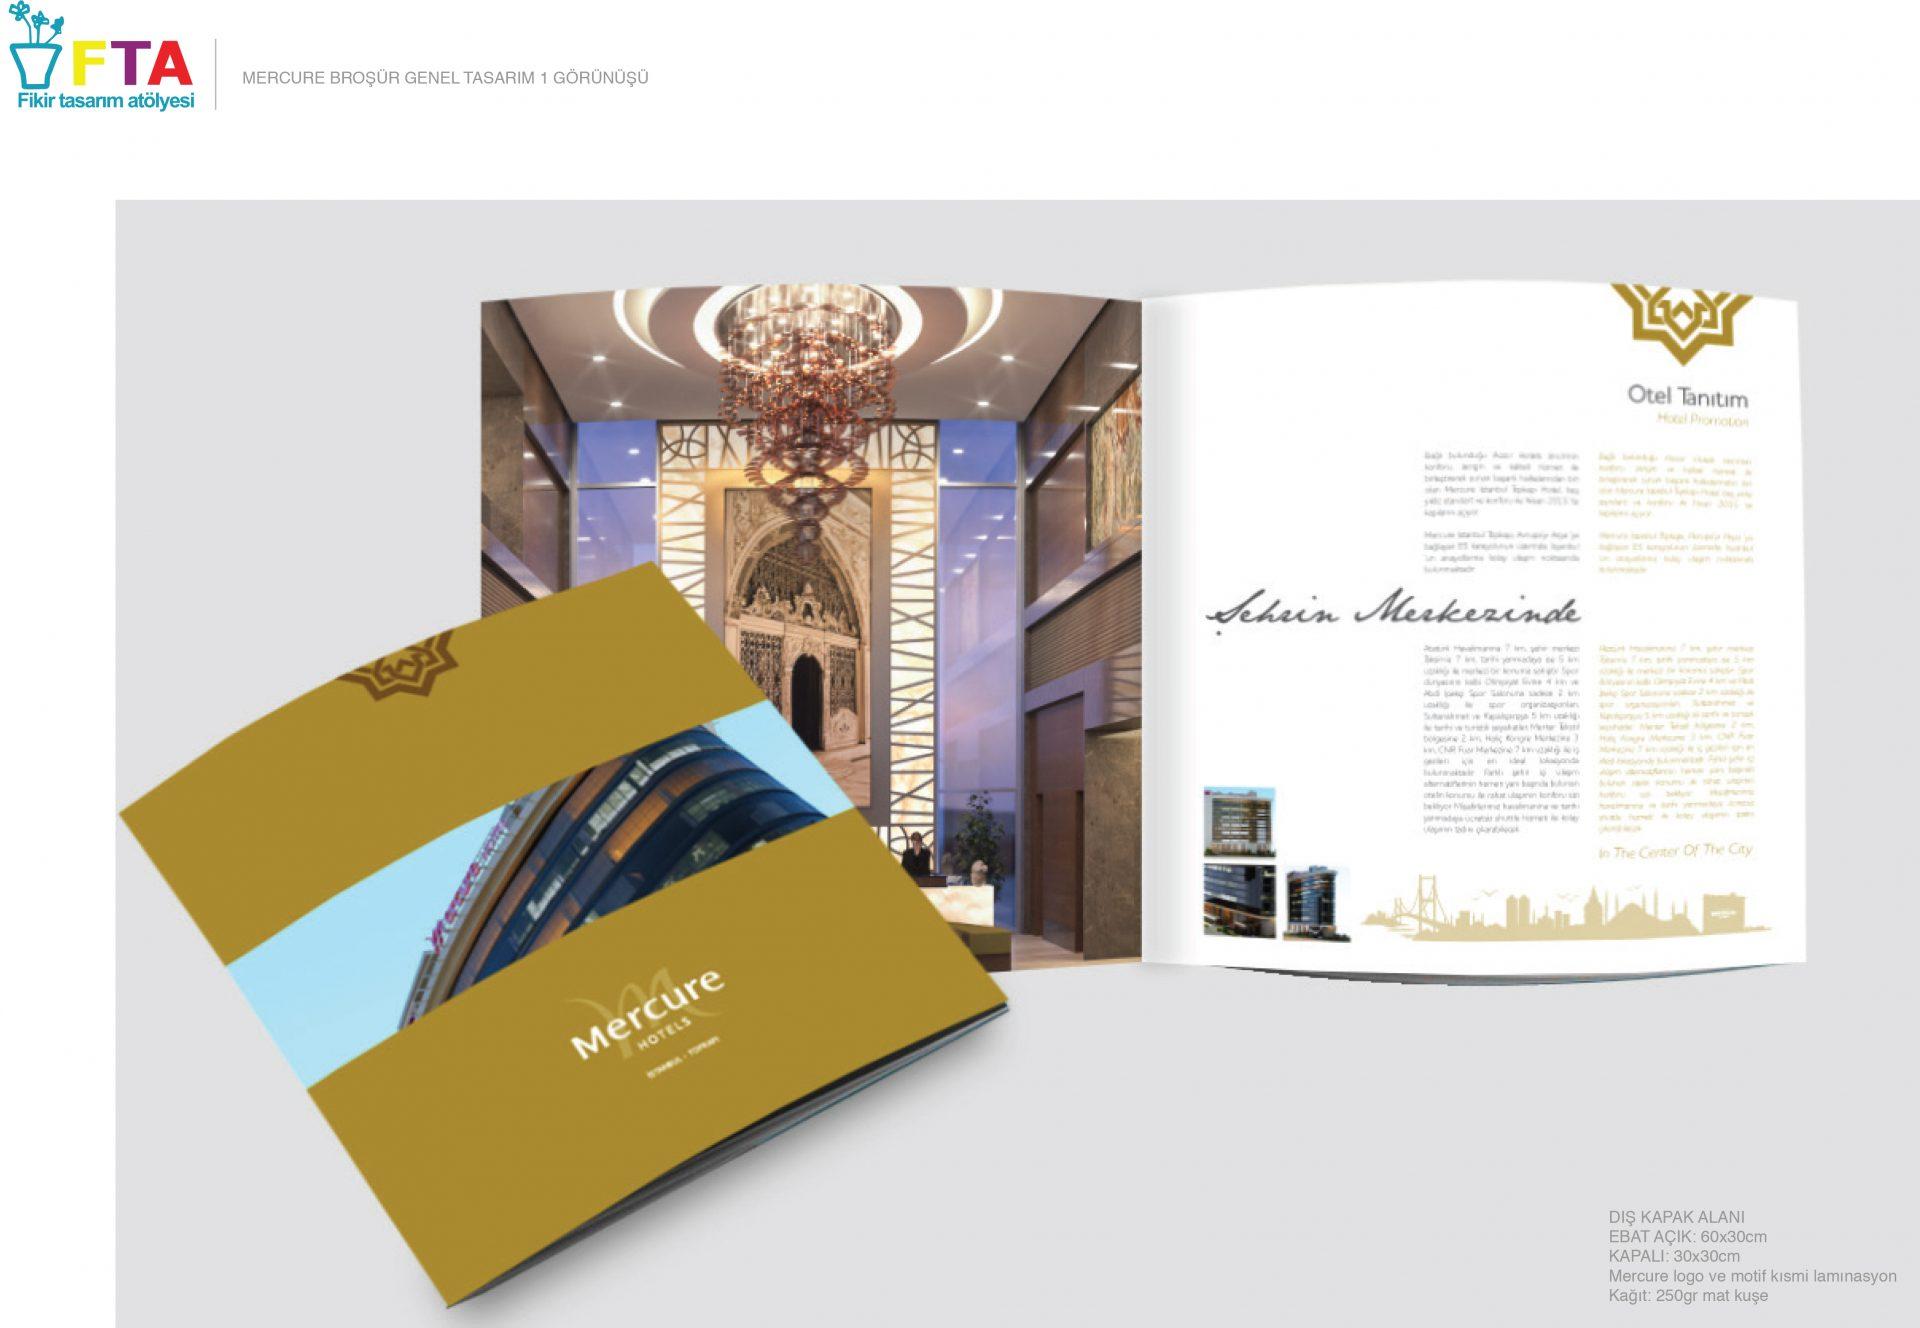 Mercure-Hotel-Brosür-tasarımı